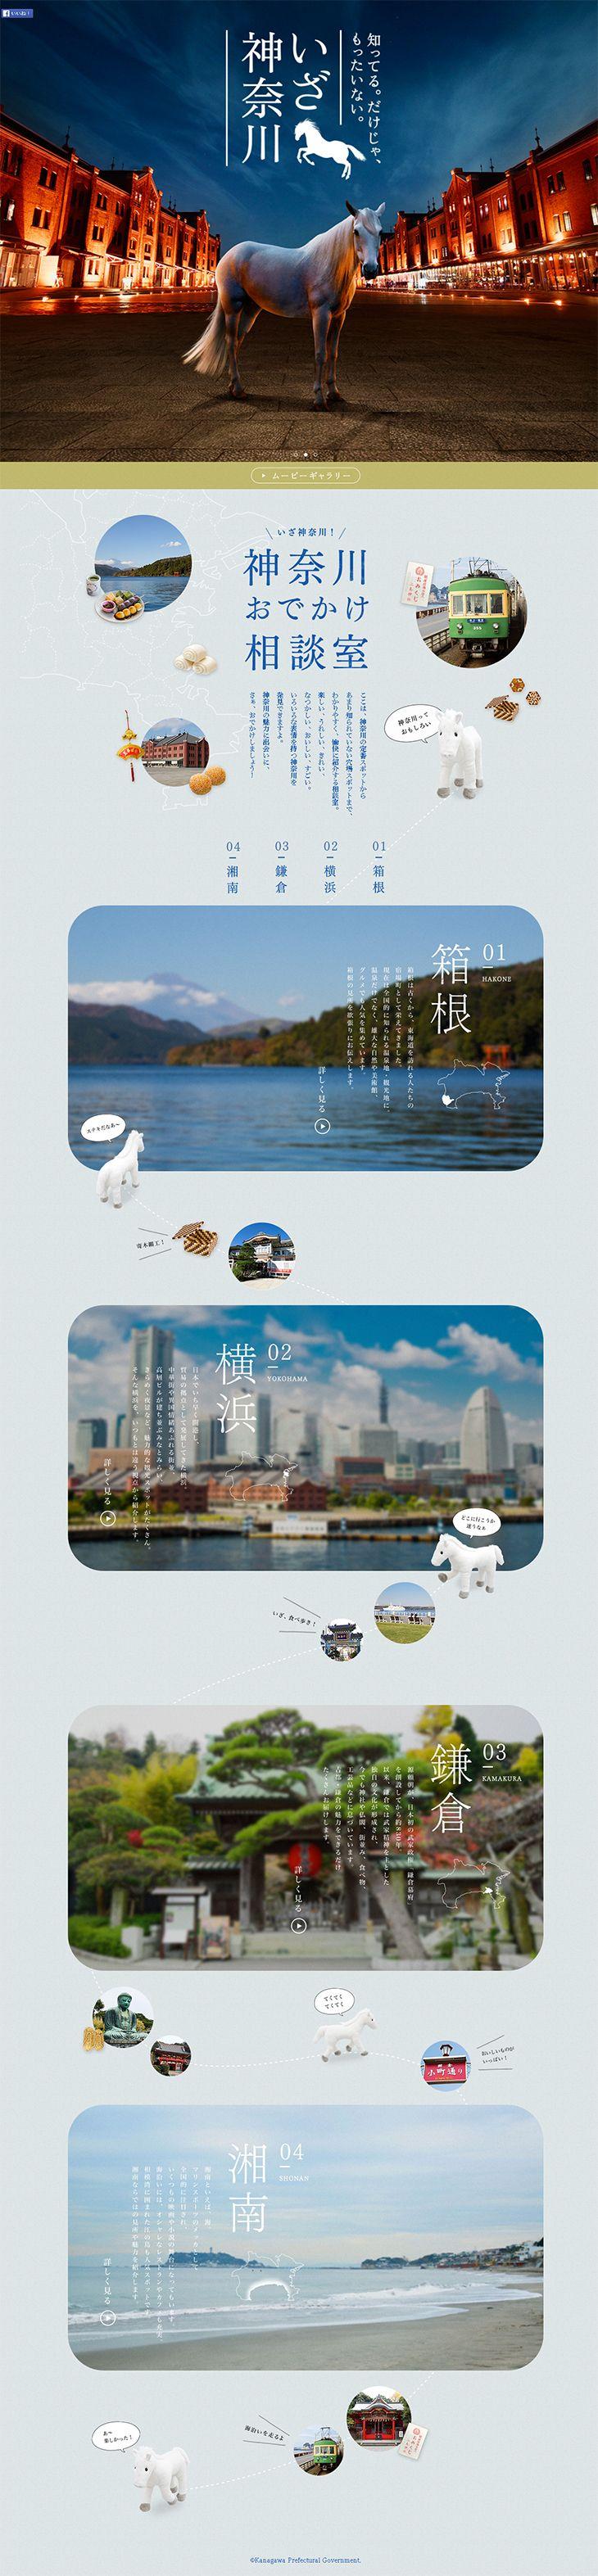 ランディングページ LP 神奈川の魅力を紹介|サービス|自社サイト                                                                                                                                                     もっと見る